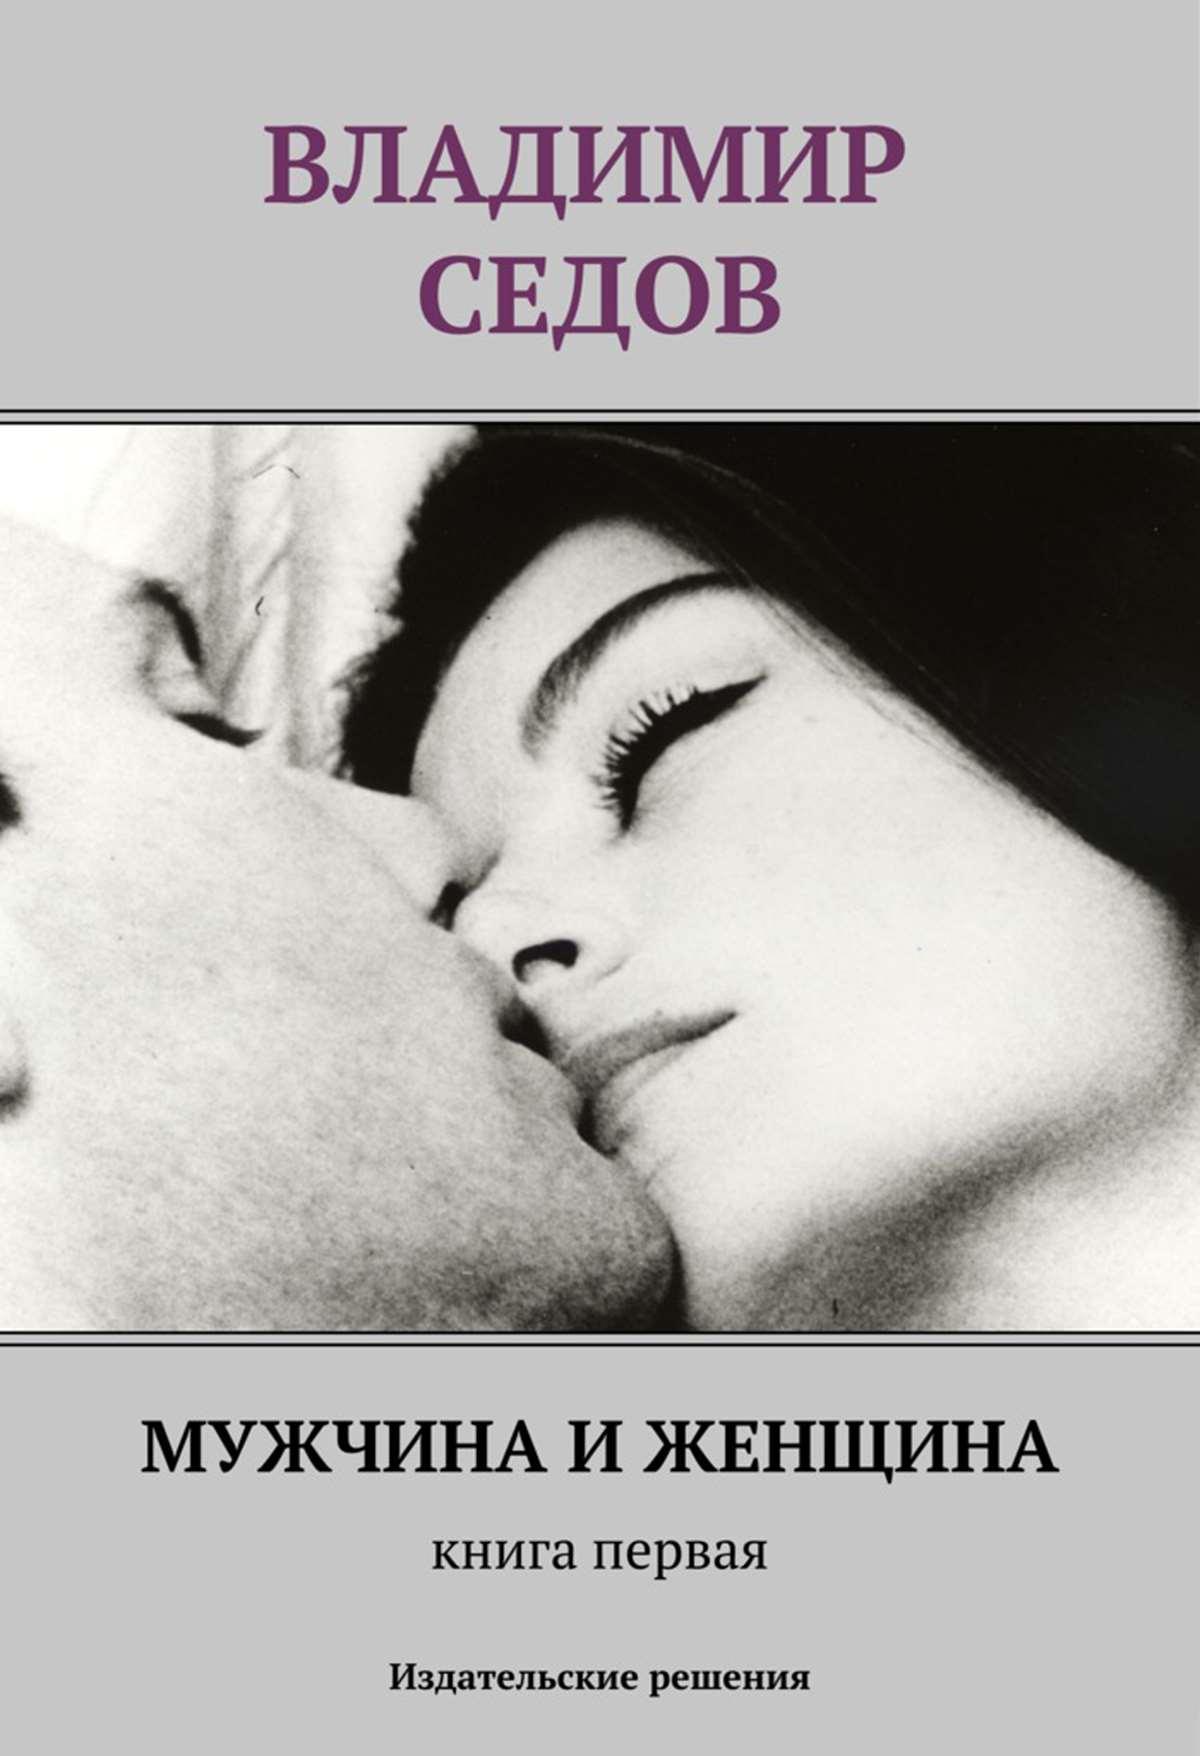 Владимир Седов Мужчина и женщина. Книга первая (сборник) владимир колычев мужчина которого предала женщина